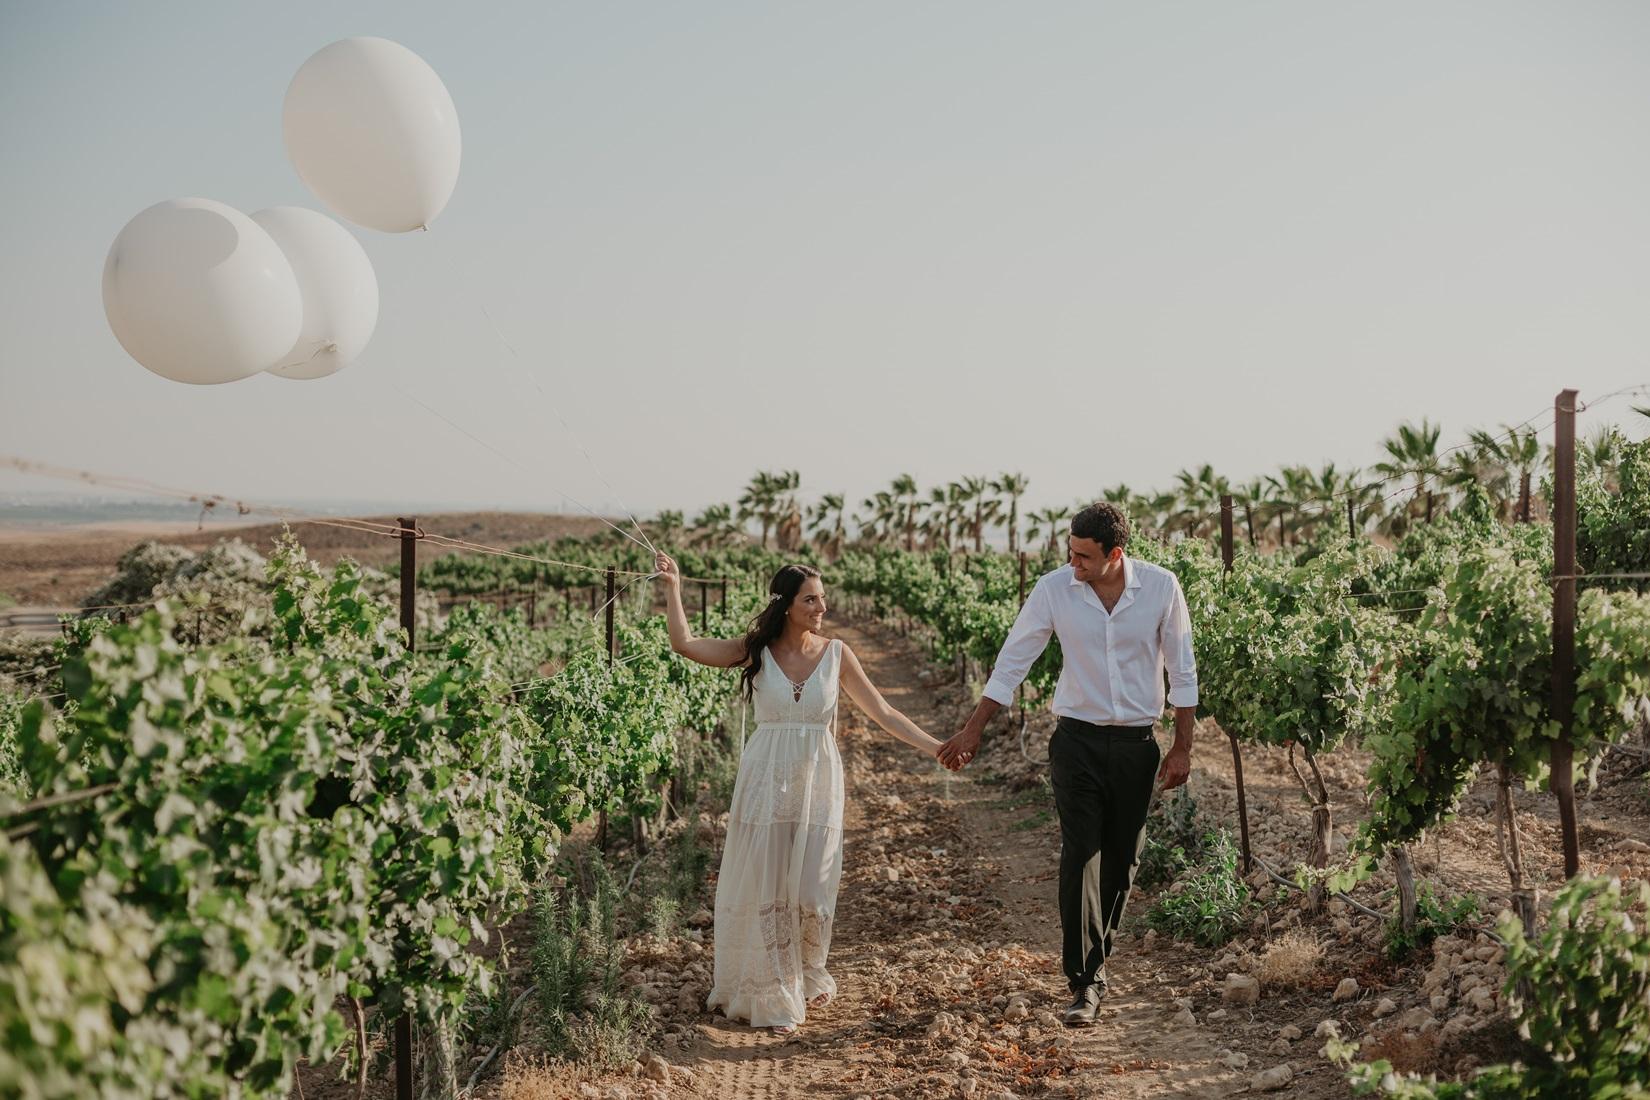 9 דברים שכל חתן צריך לעשות ביום החתונה